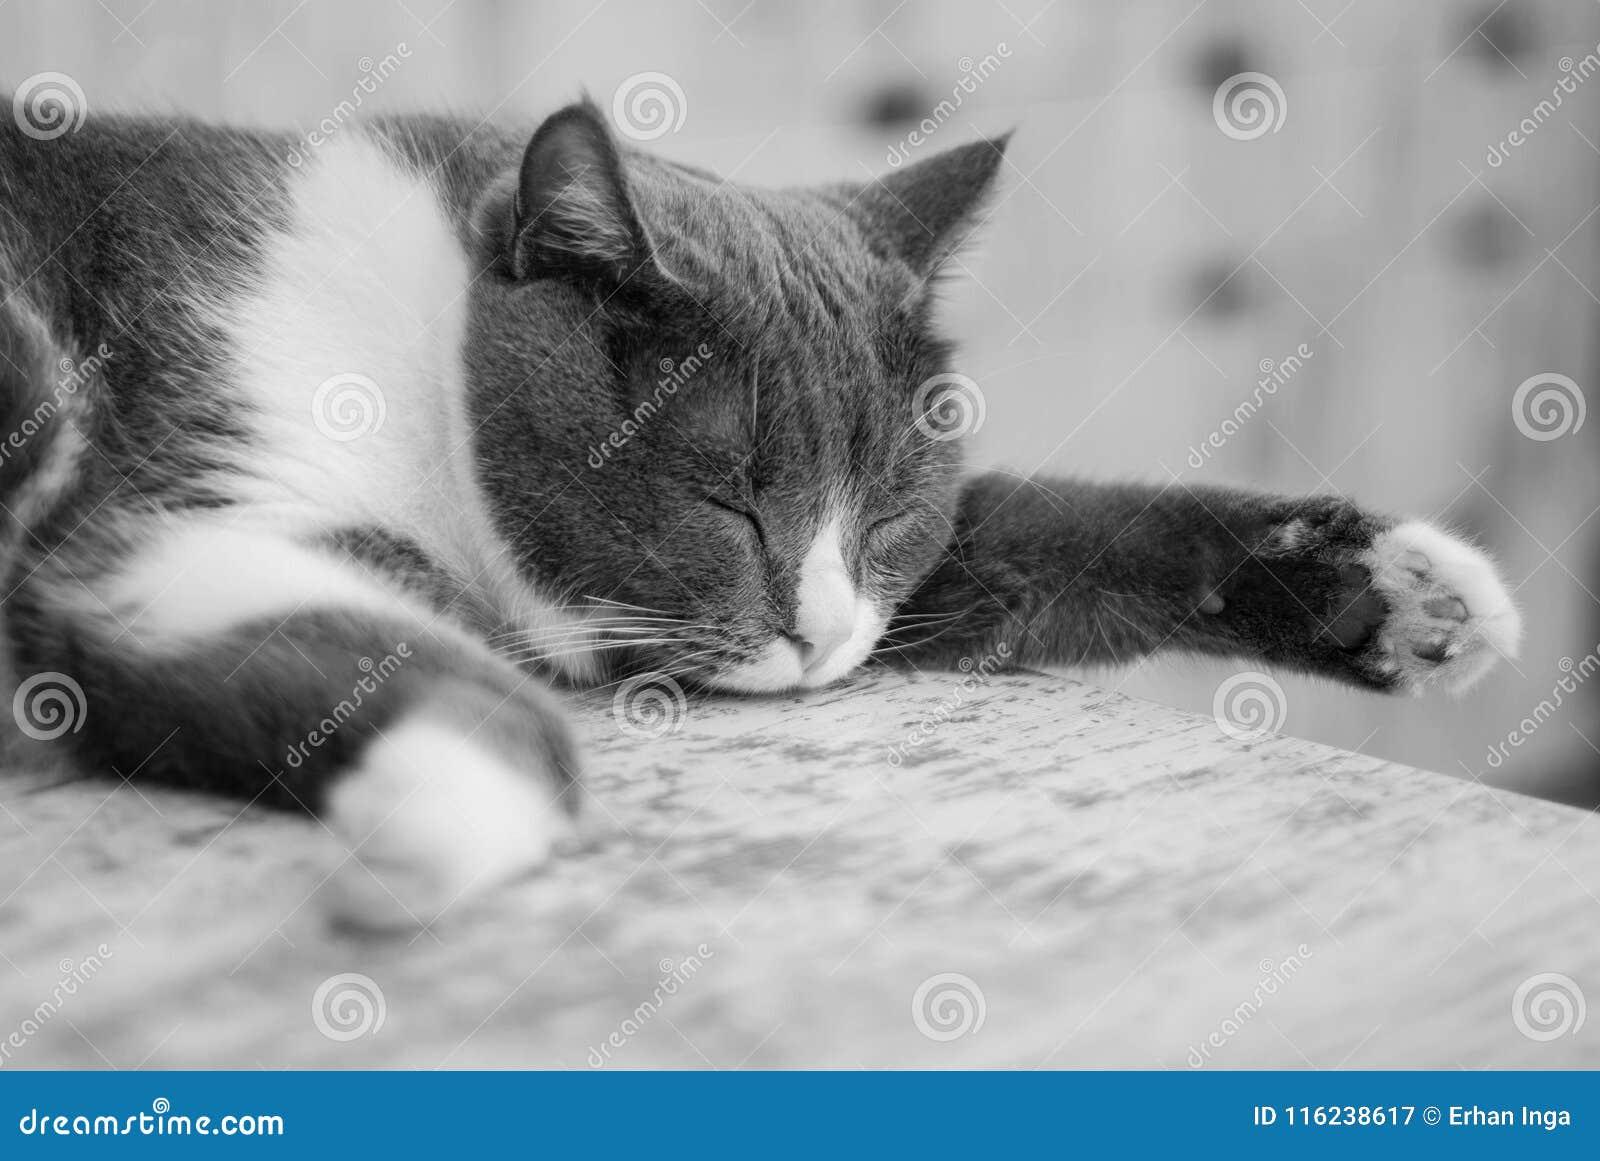 Gray Kitten Sleeping Isolated común en Gray Table Animales domésticos en casa